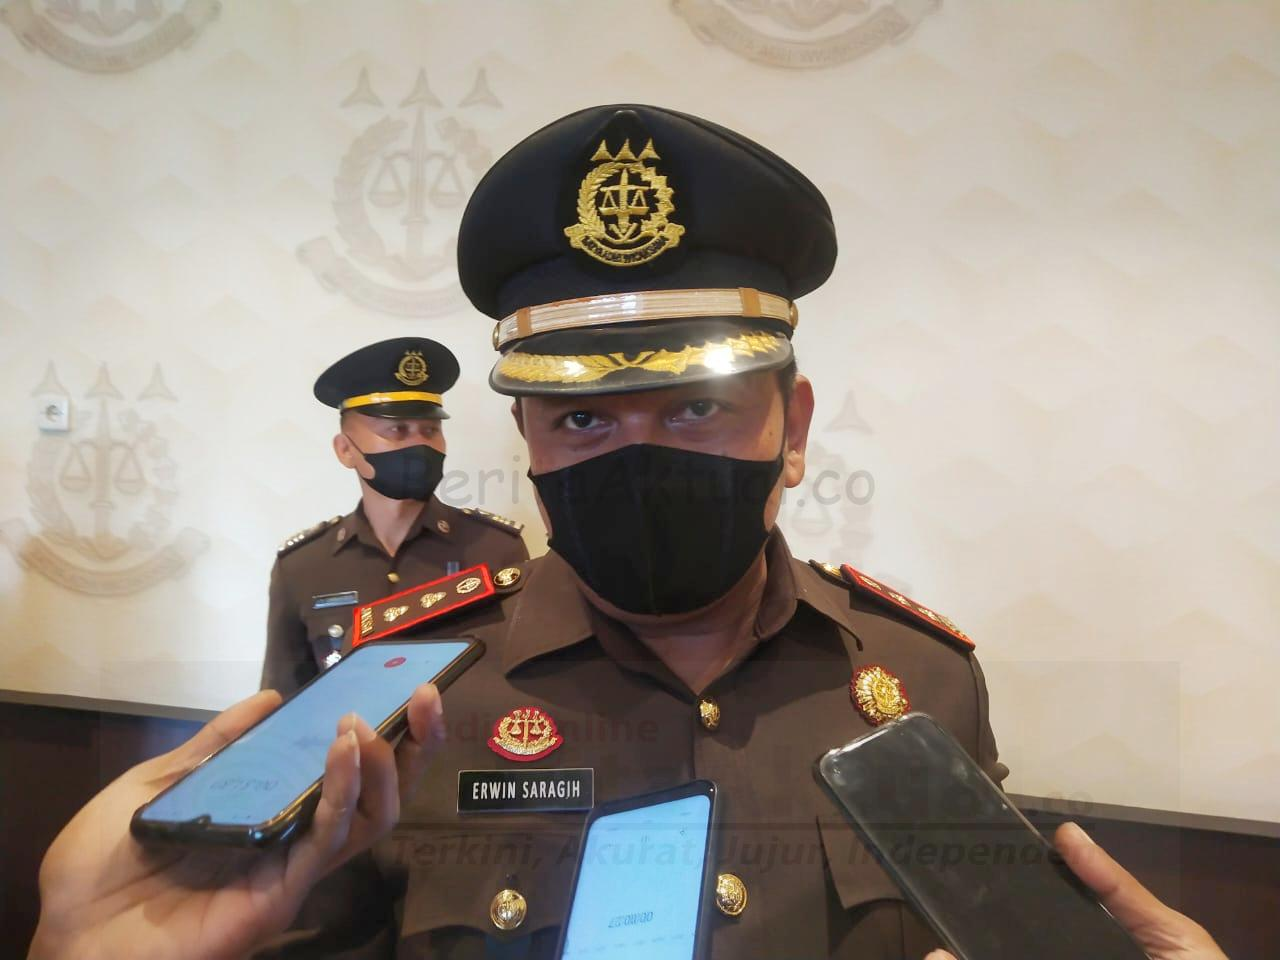 Erwin Saragih Jabat Kejari Sorong, Program Pertama Pembenahan Internal 1 IMG 20210301 224842